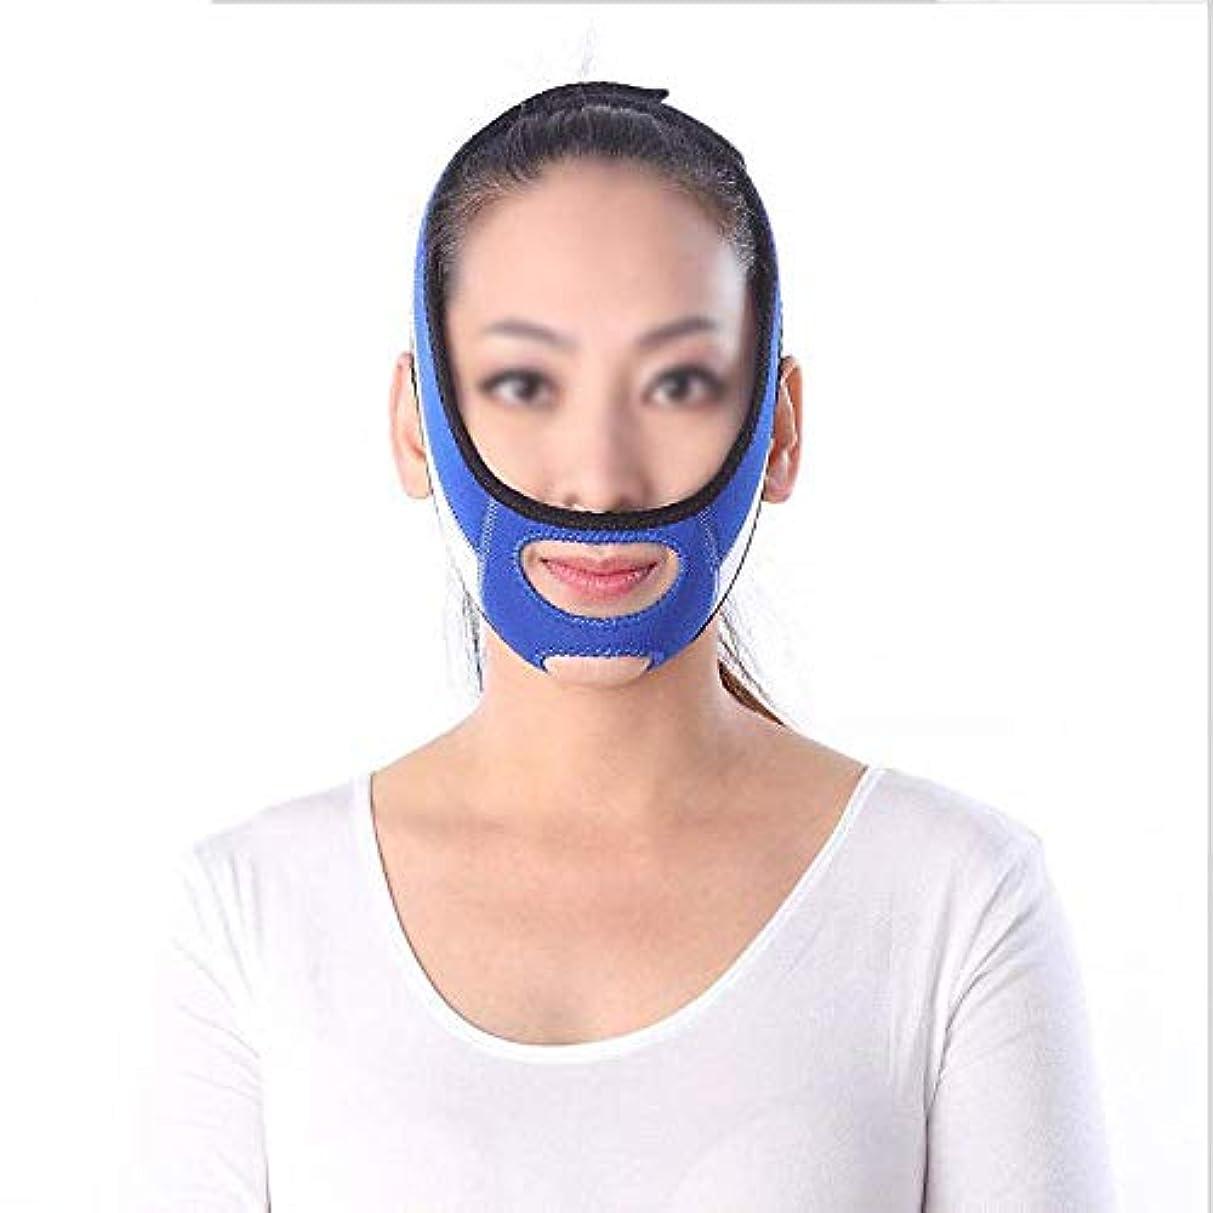 ホースマージ組立フェイスリフティングマスク、リフティングローパターン包帯ライン彫刻修復ツールフェイスリフティングアーティファクト引き締め肌スモールVフェイスバンド